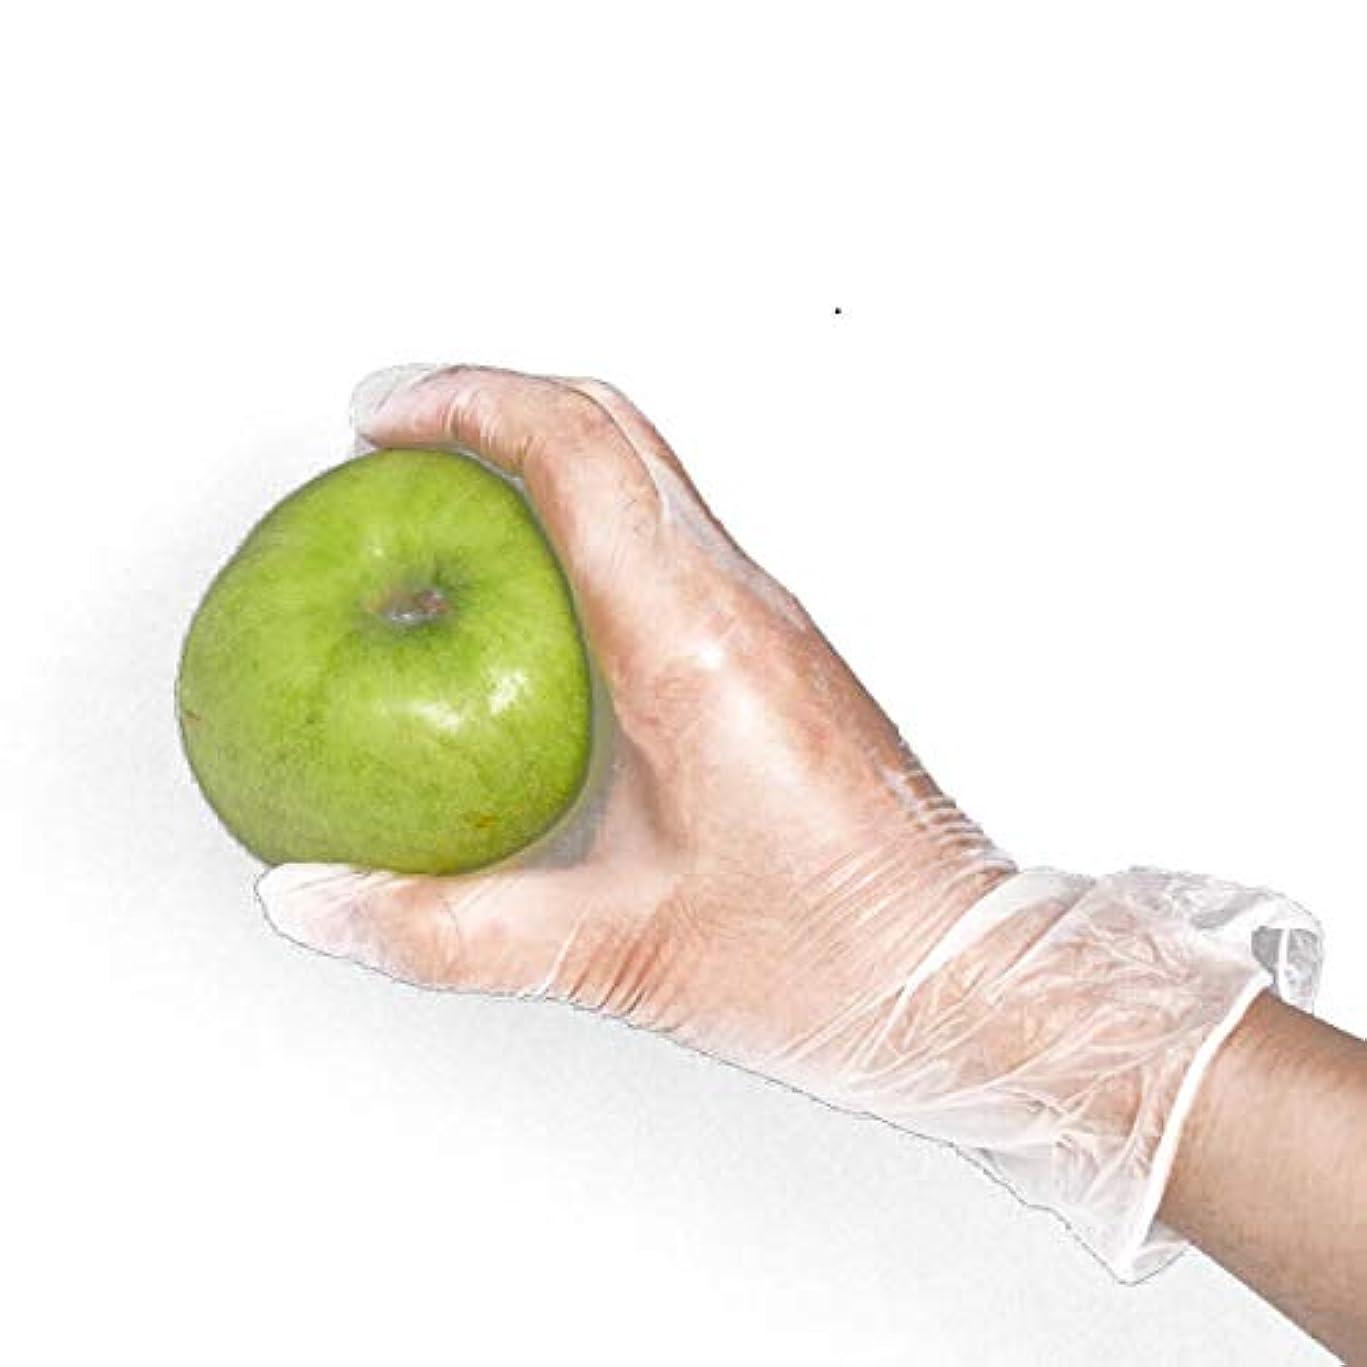 ポケット丘メディカル[FJTK]使い捨て手袋 透明 100枚入 ホワイト  医療 美容 科学実験 (L)